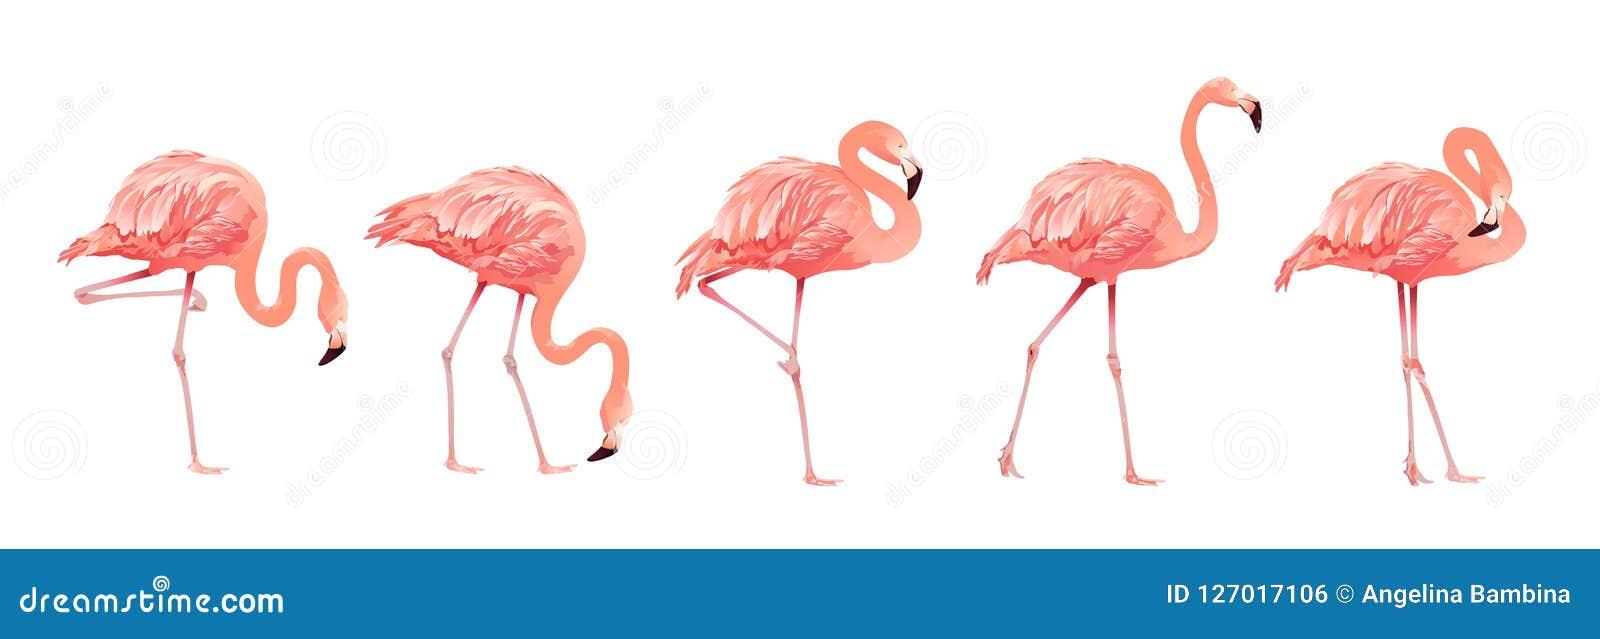 Stile piano di progettazione del fenicottero simbolo esotico selvaggio tropicale stabilito rosa dell uccello di bello isolato su